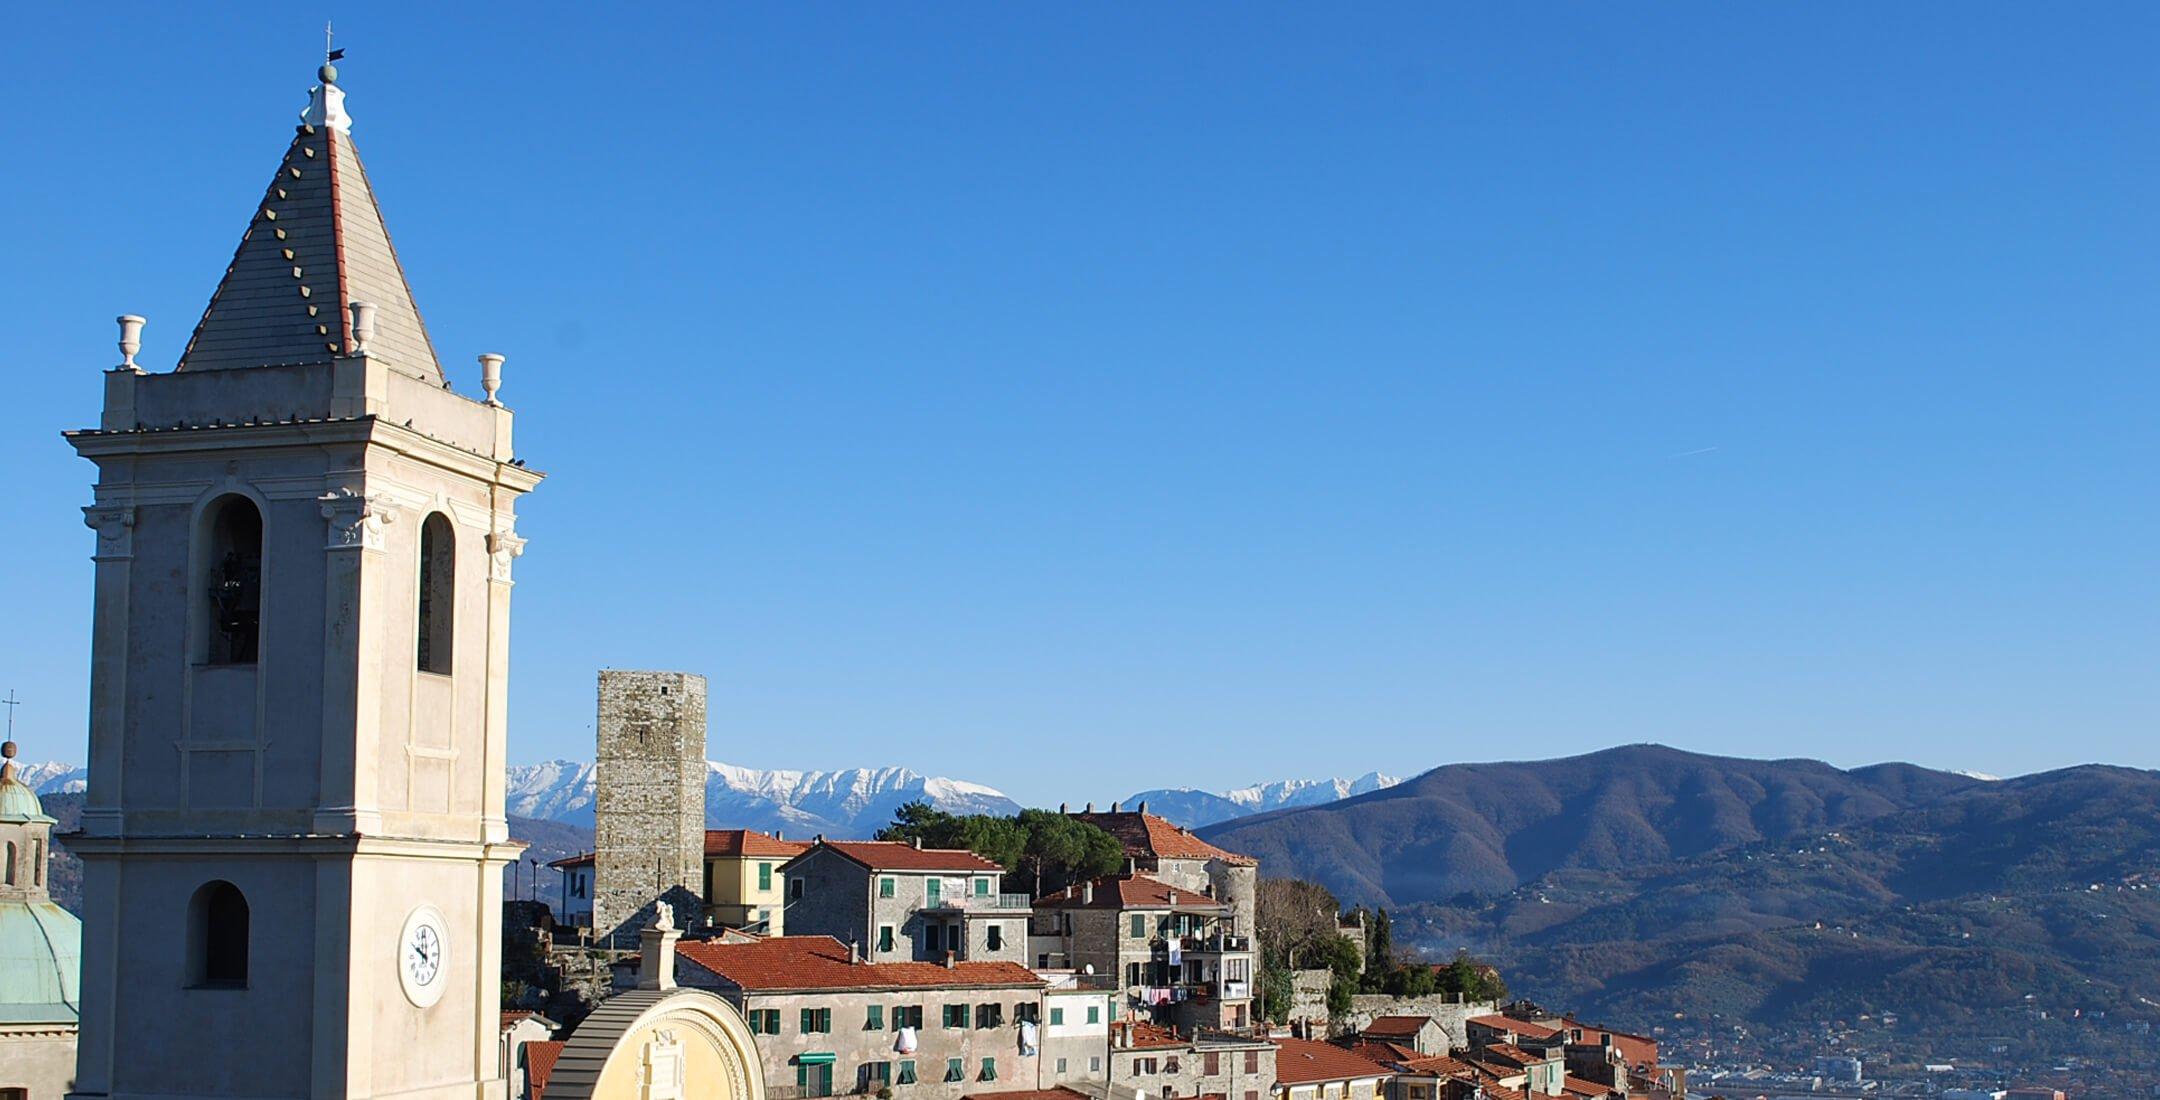 Borgo di Vezzano Ligure